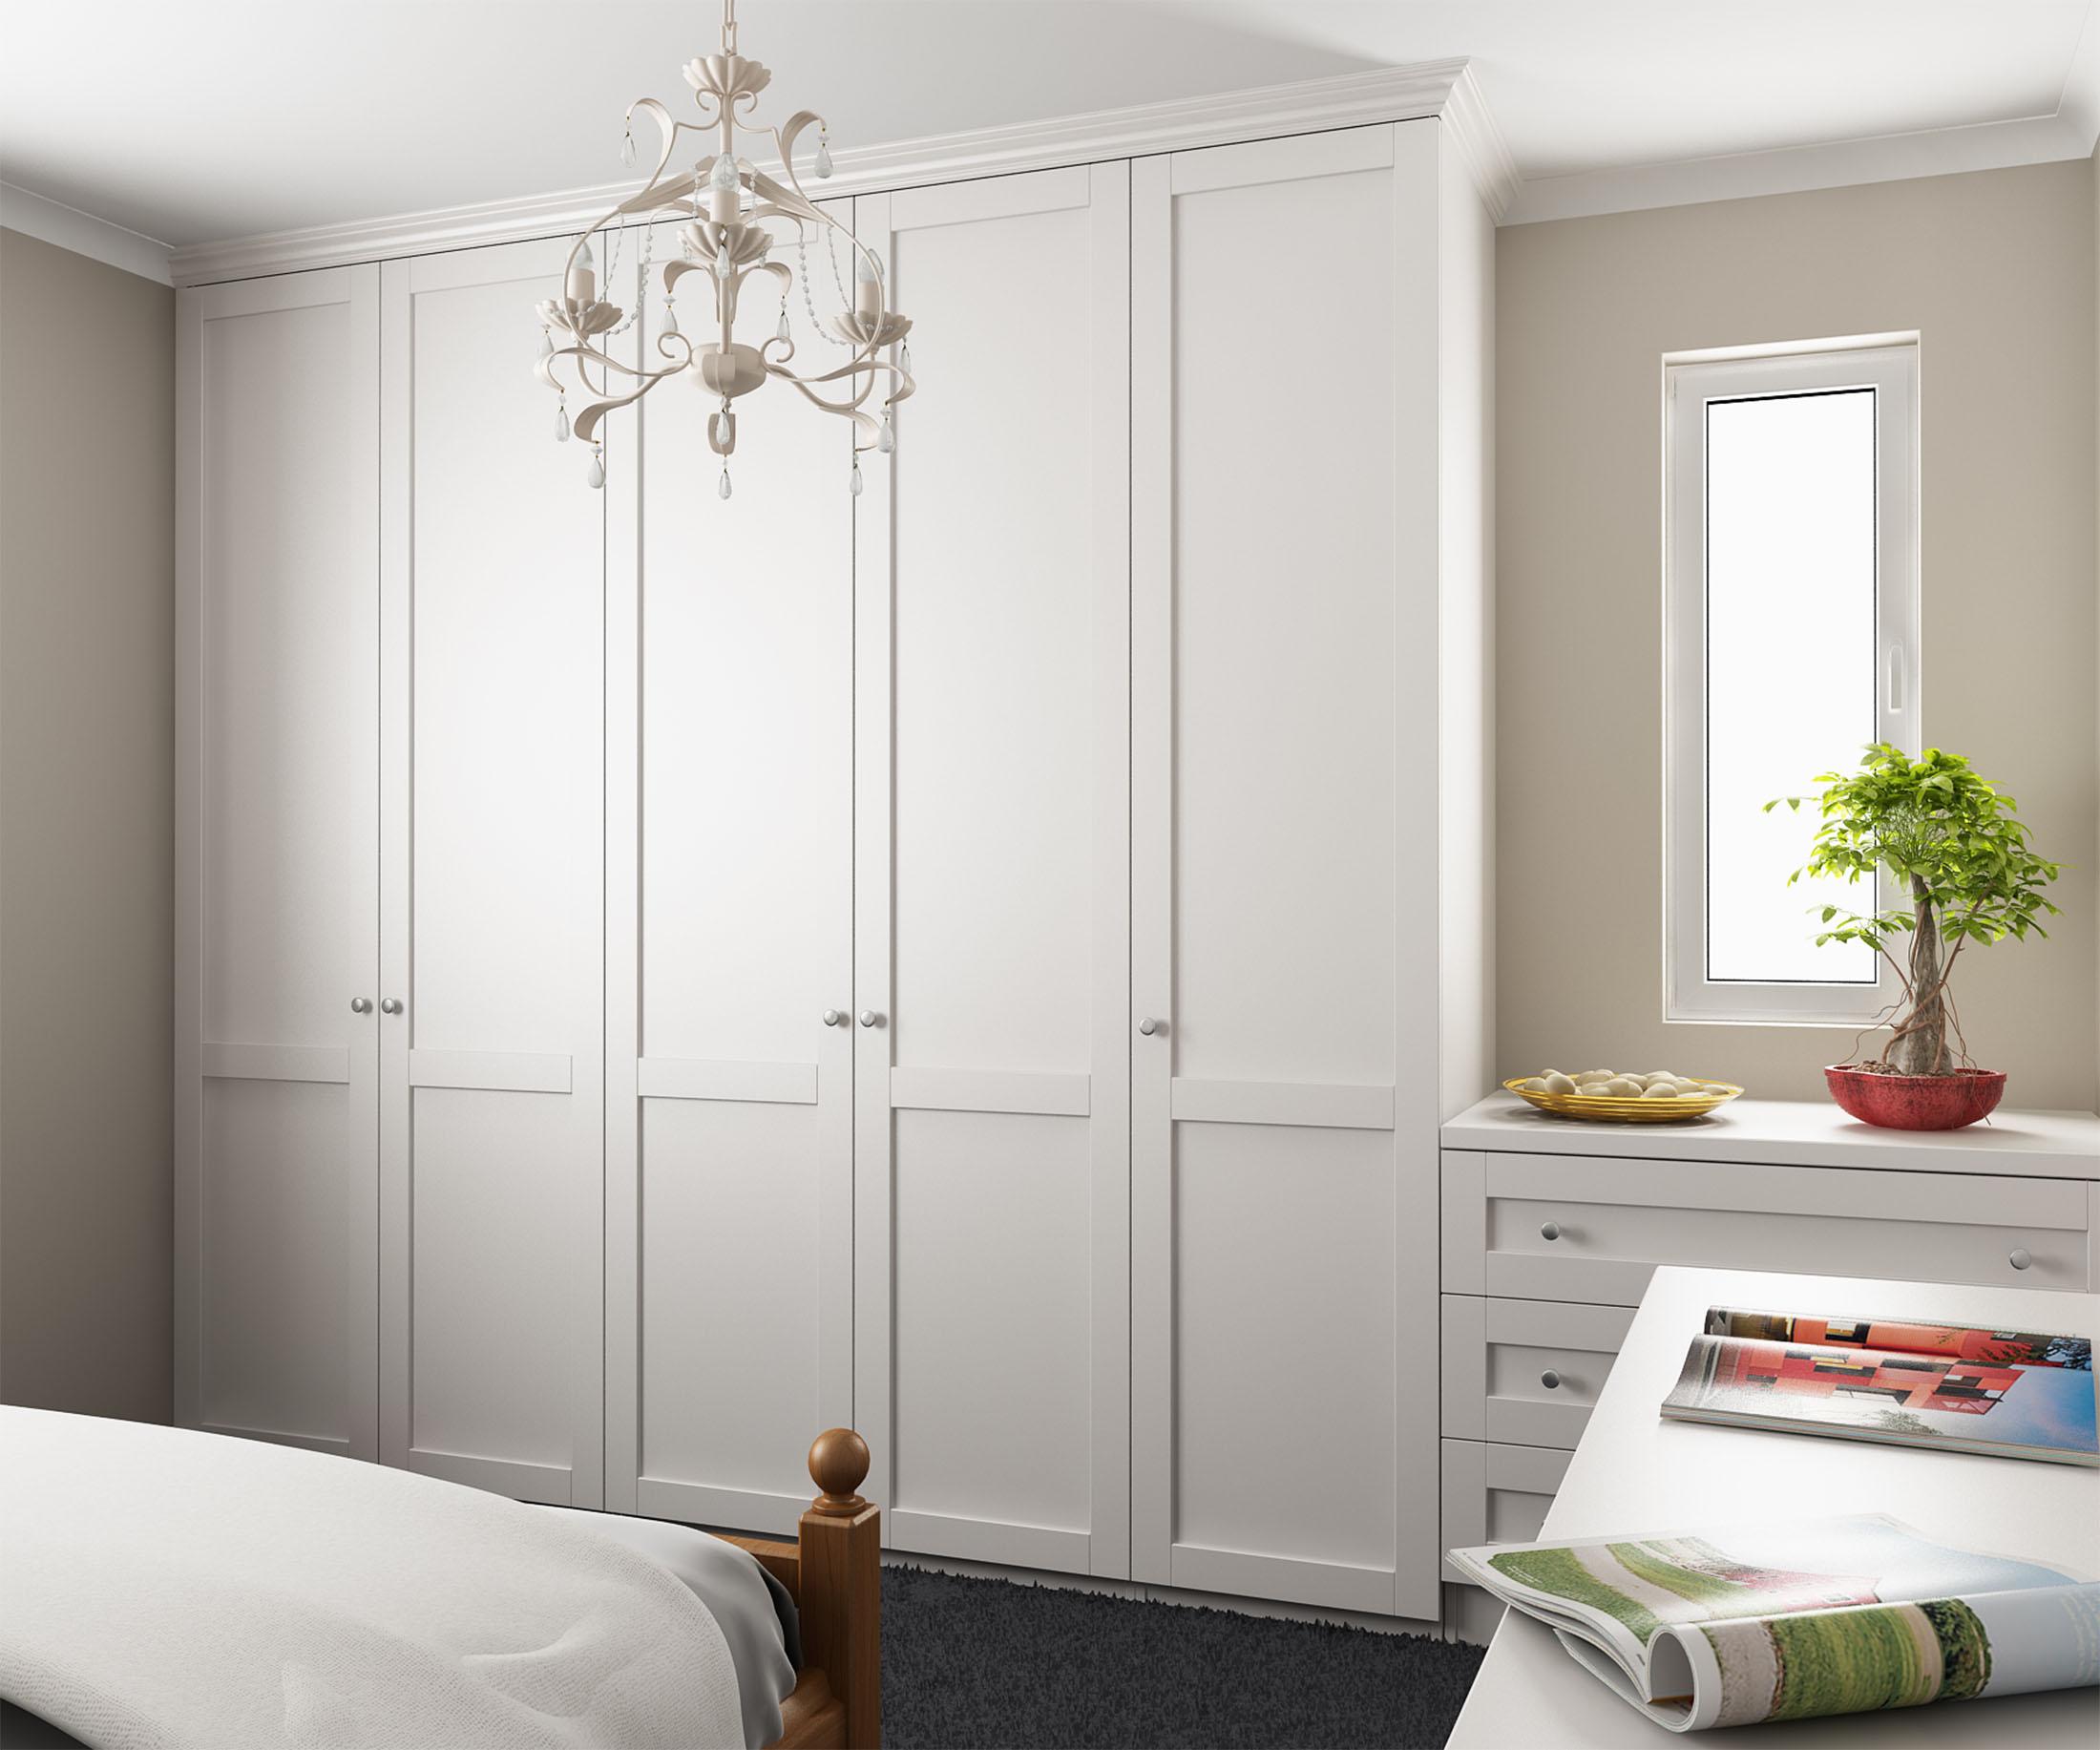 Ваш шкаф - встраиваемый распашной шкаф и его роль в интерьер.